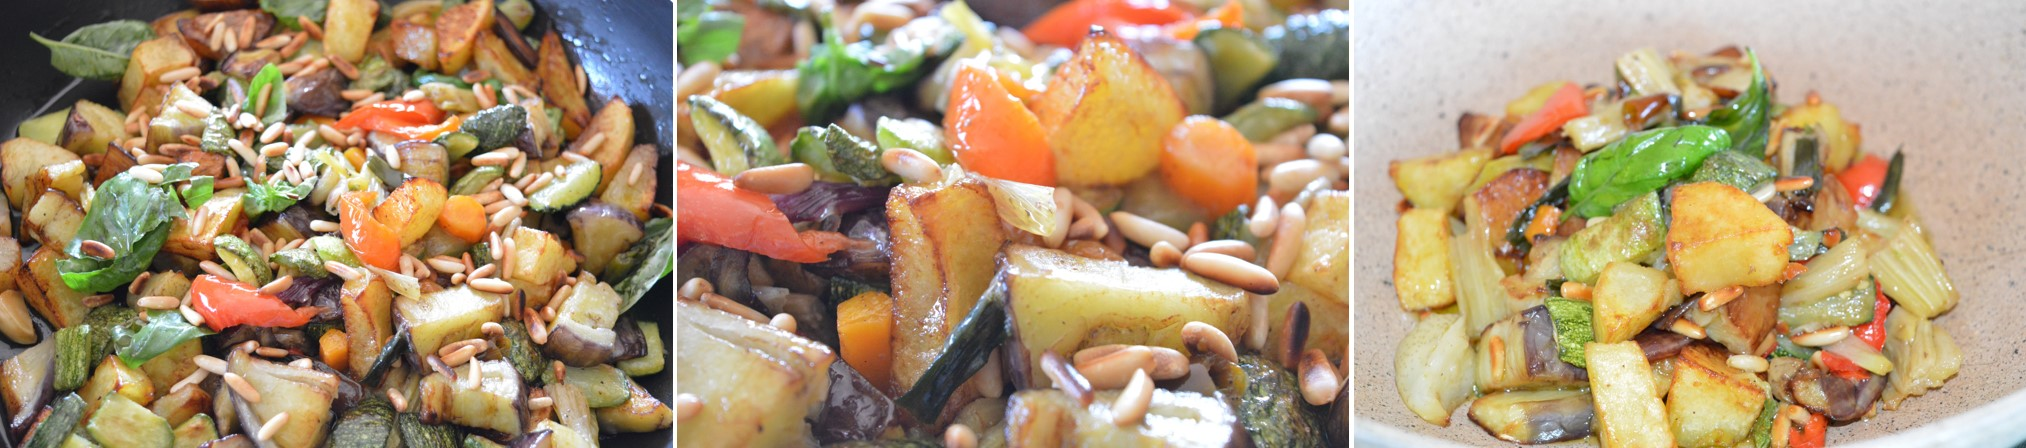 La padellata di verdure con melanzane, zucchine e pinoli